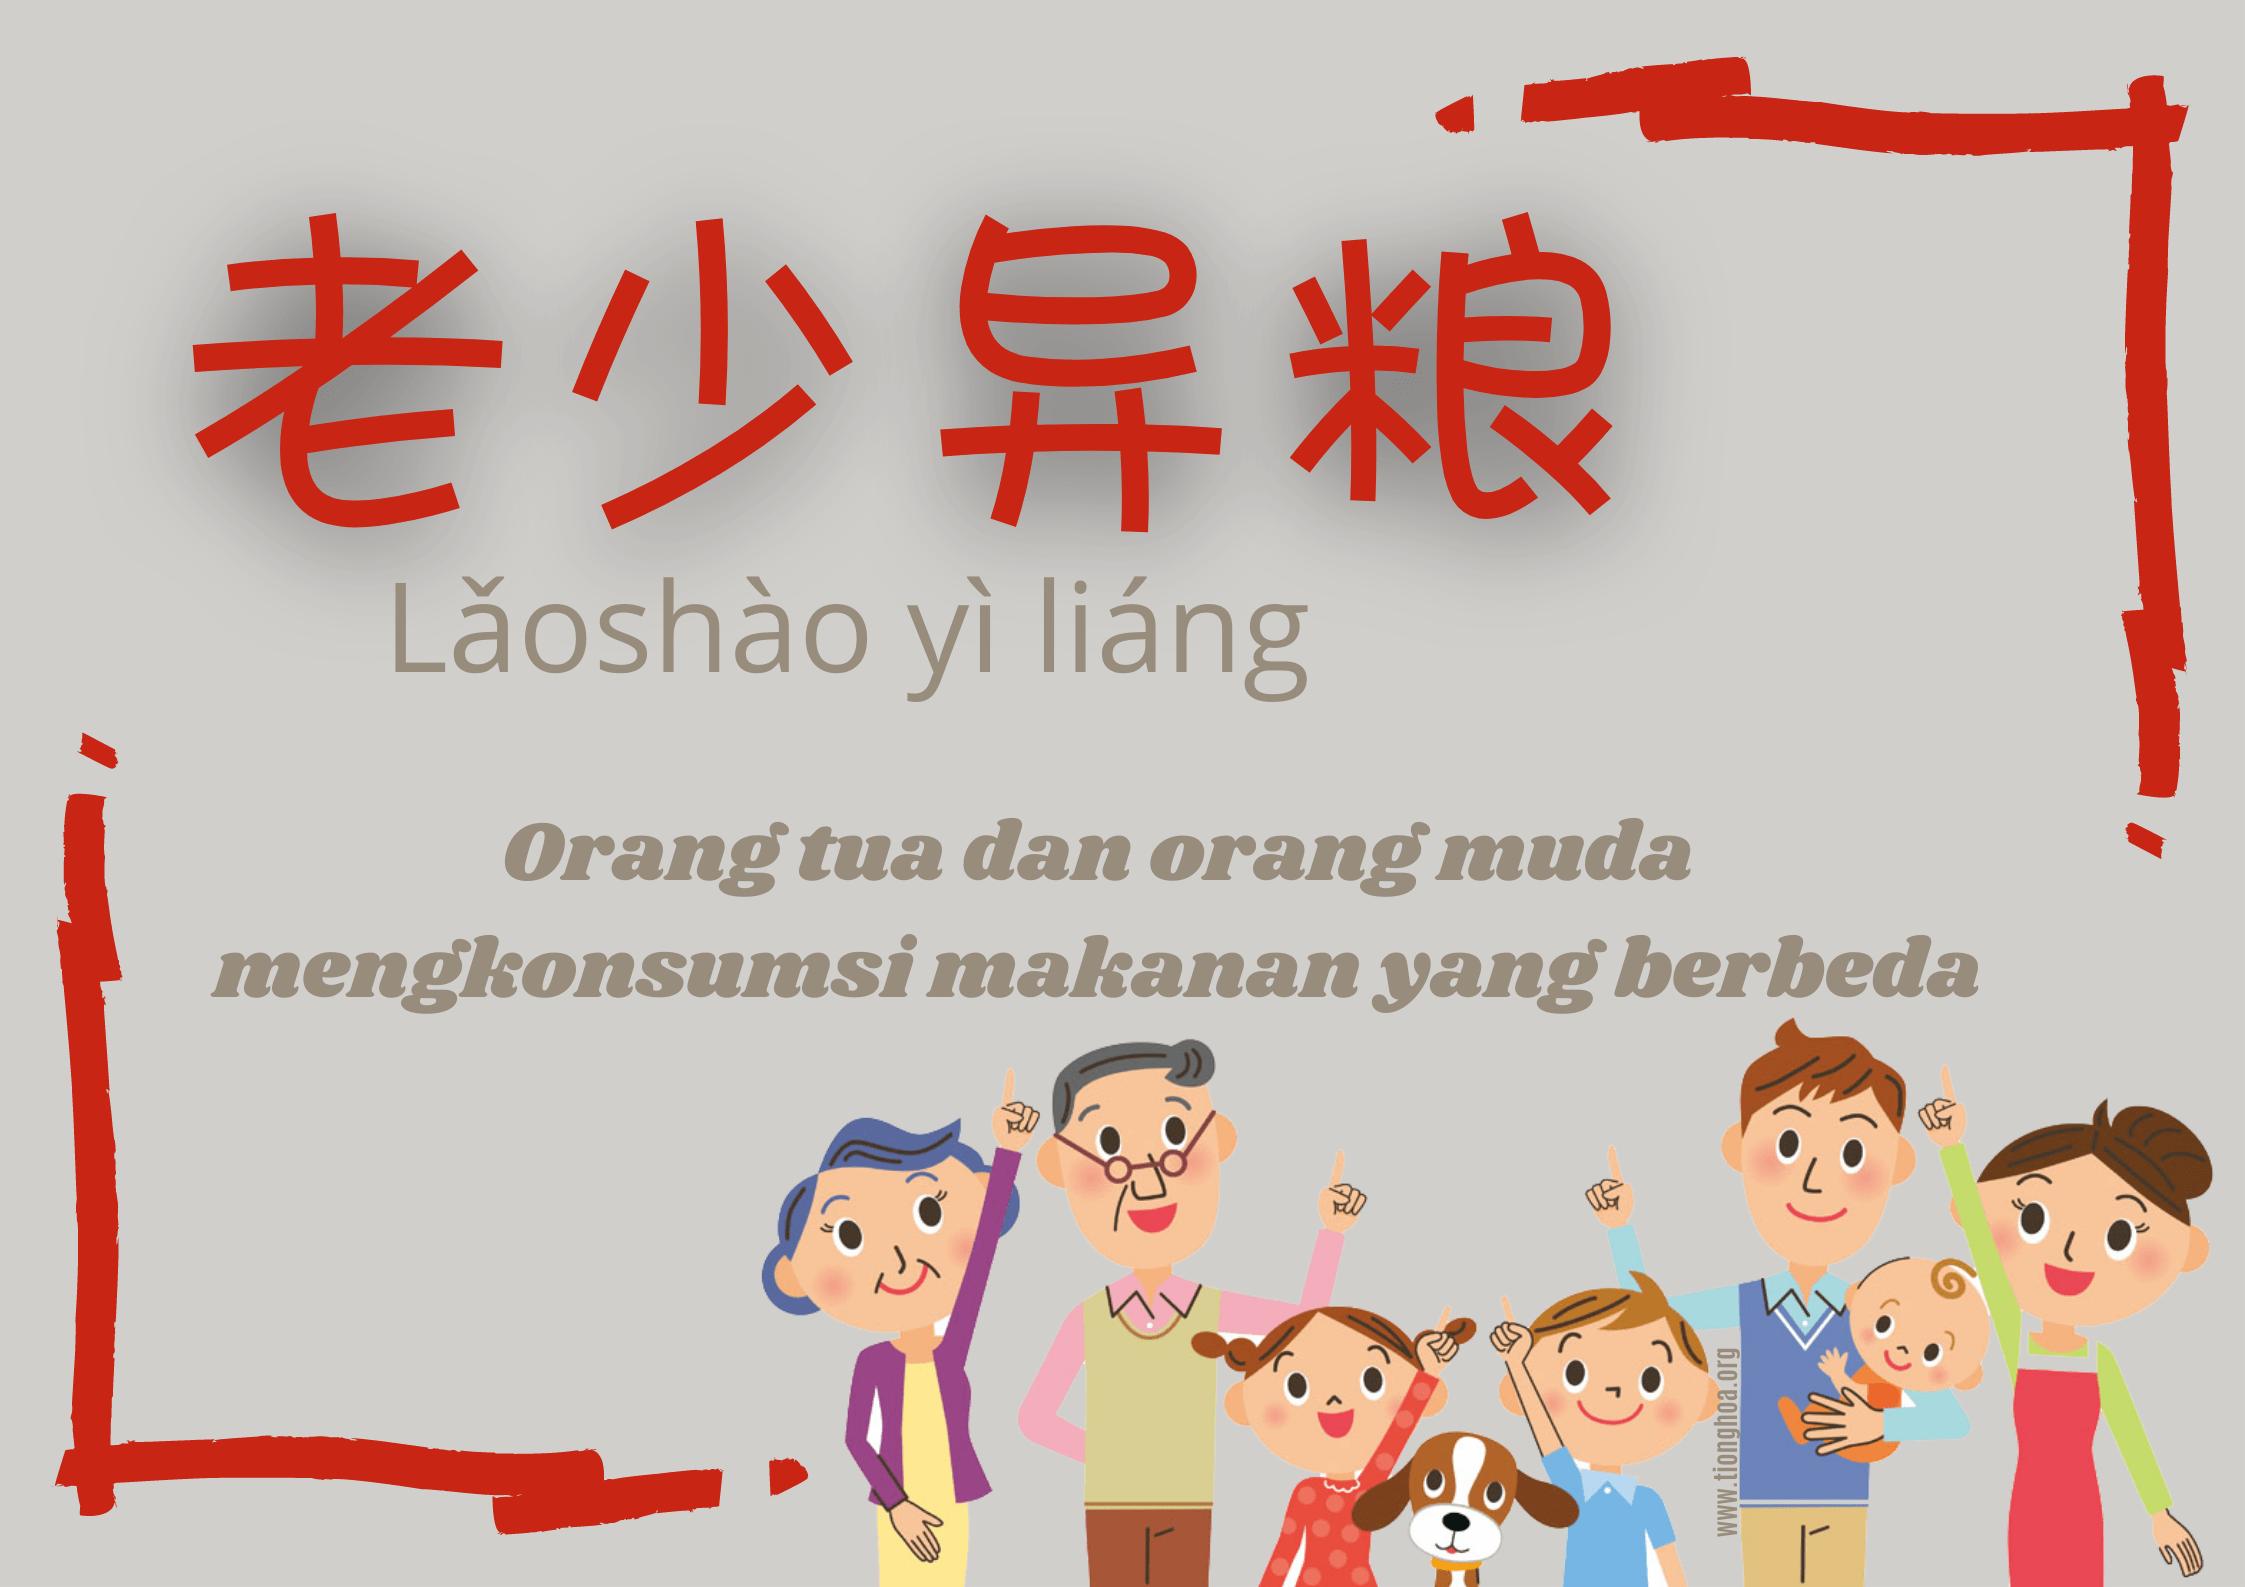 Orang Tua dan Orang Muda Mengkonsumsi Makanan Yang Berbeda (老少异粮)